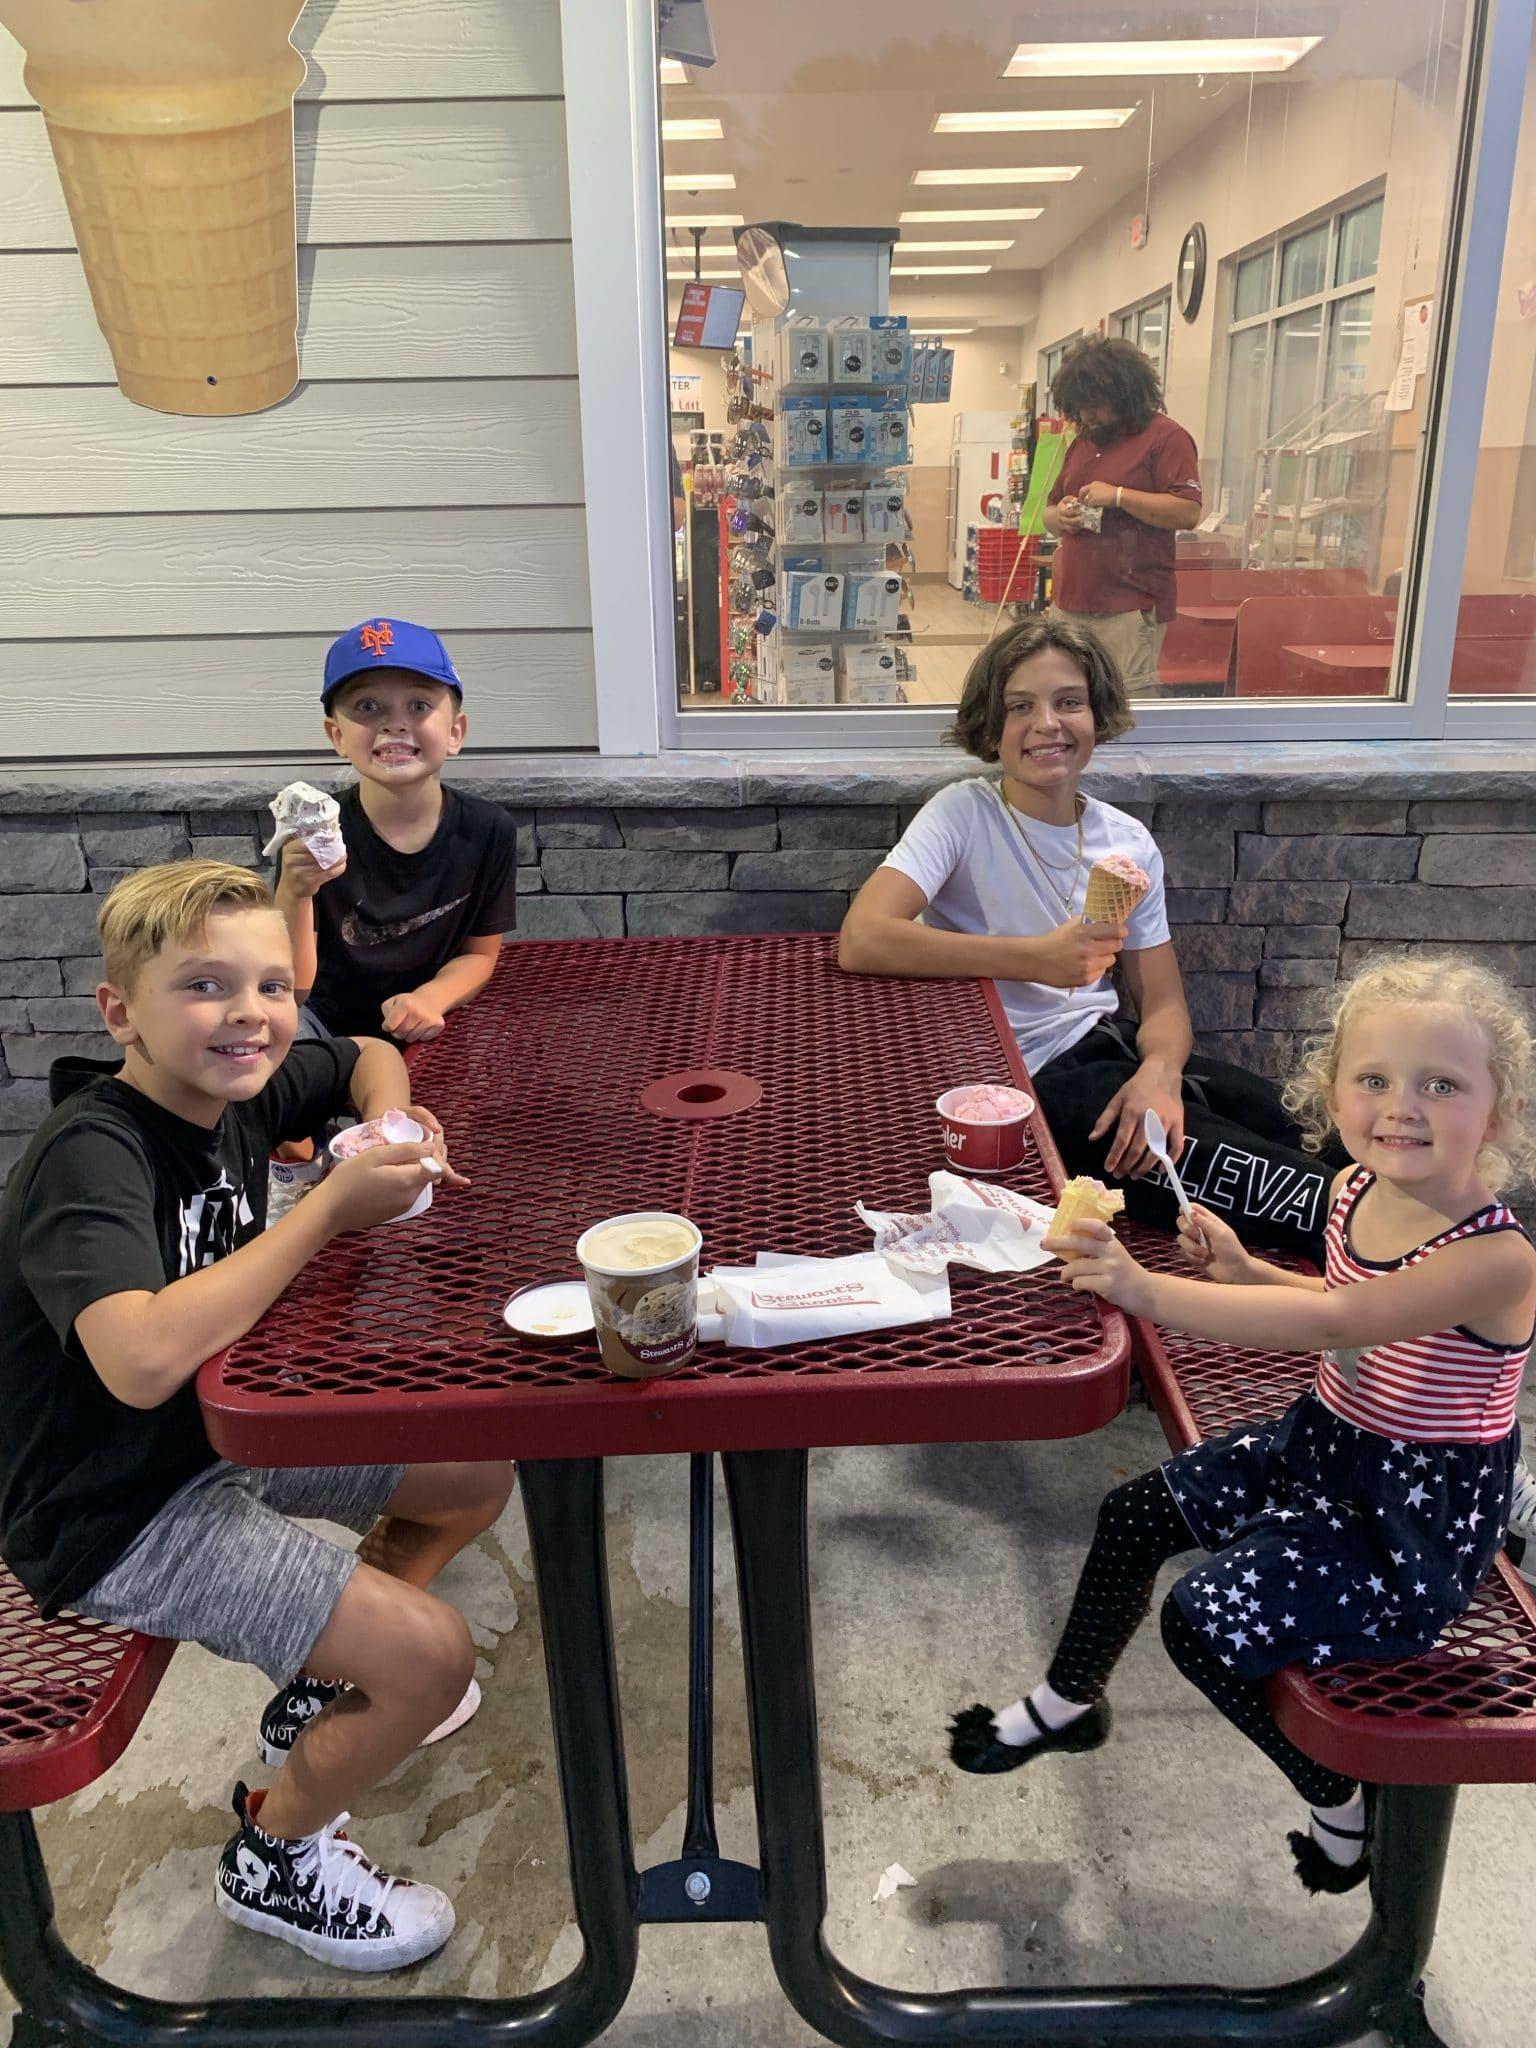 Stewarts ice cream, Upstate New York Summer Trip, stilettos and diapers